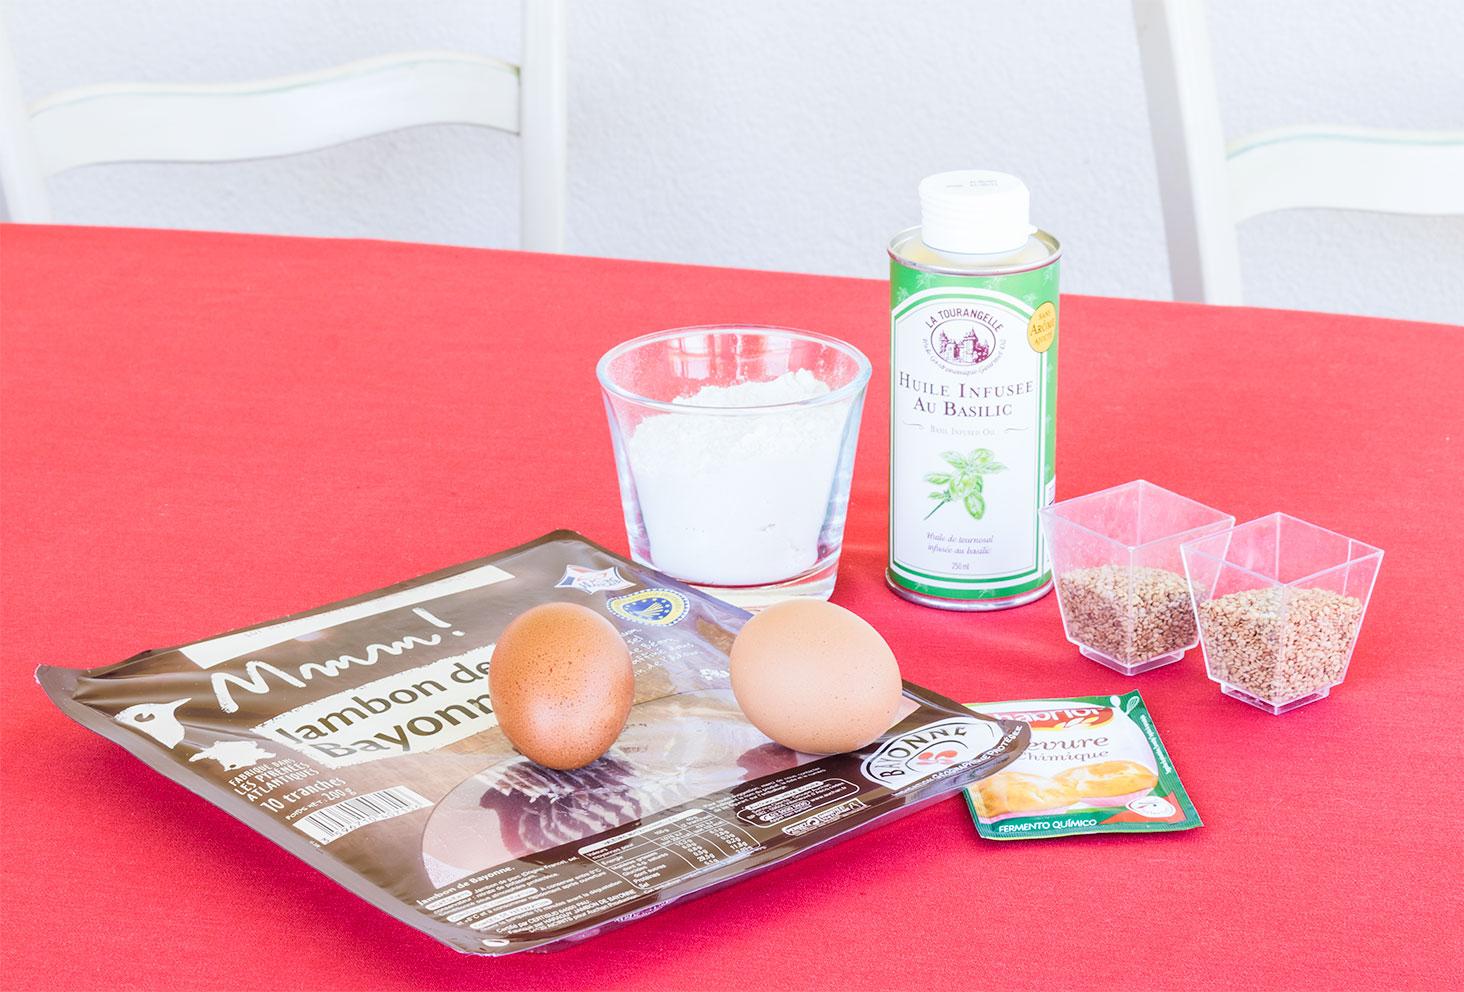 Ensemble des ingrédients nécessaires à la réalisation de la recette apéritive, les cookies aux graines de sésame et jambon de parme